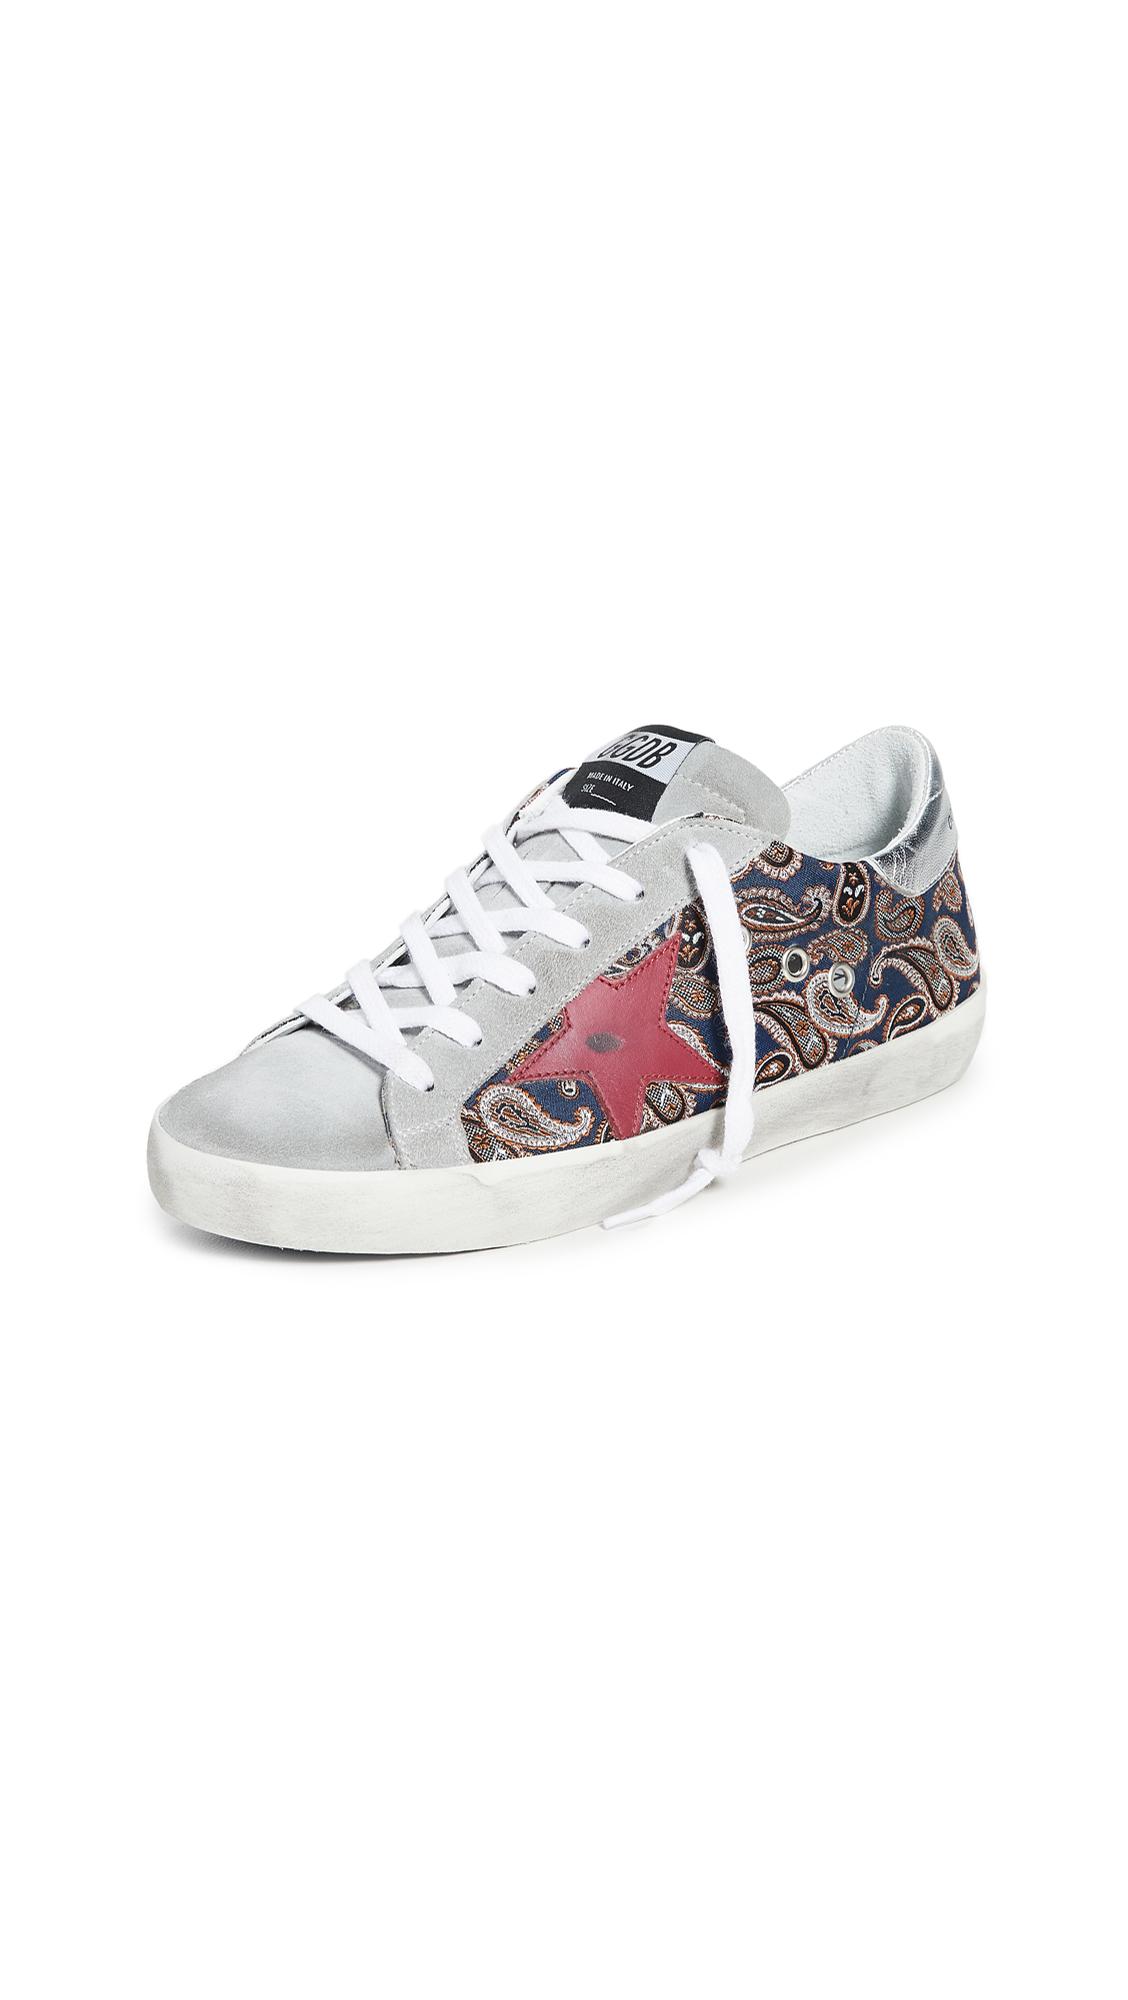 Golden Goose Superstar Paisley Sneakers